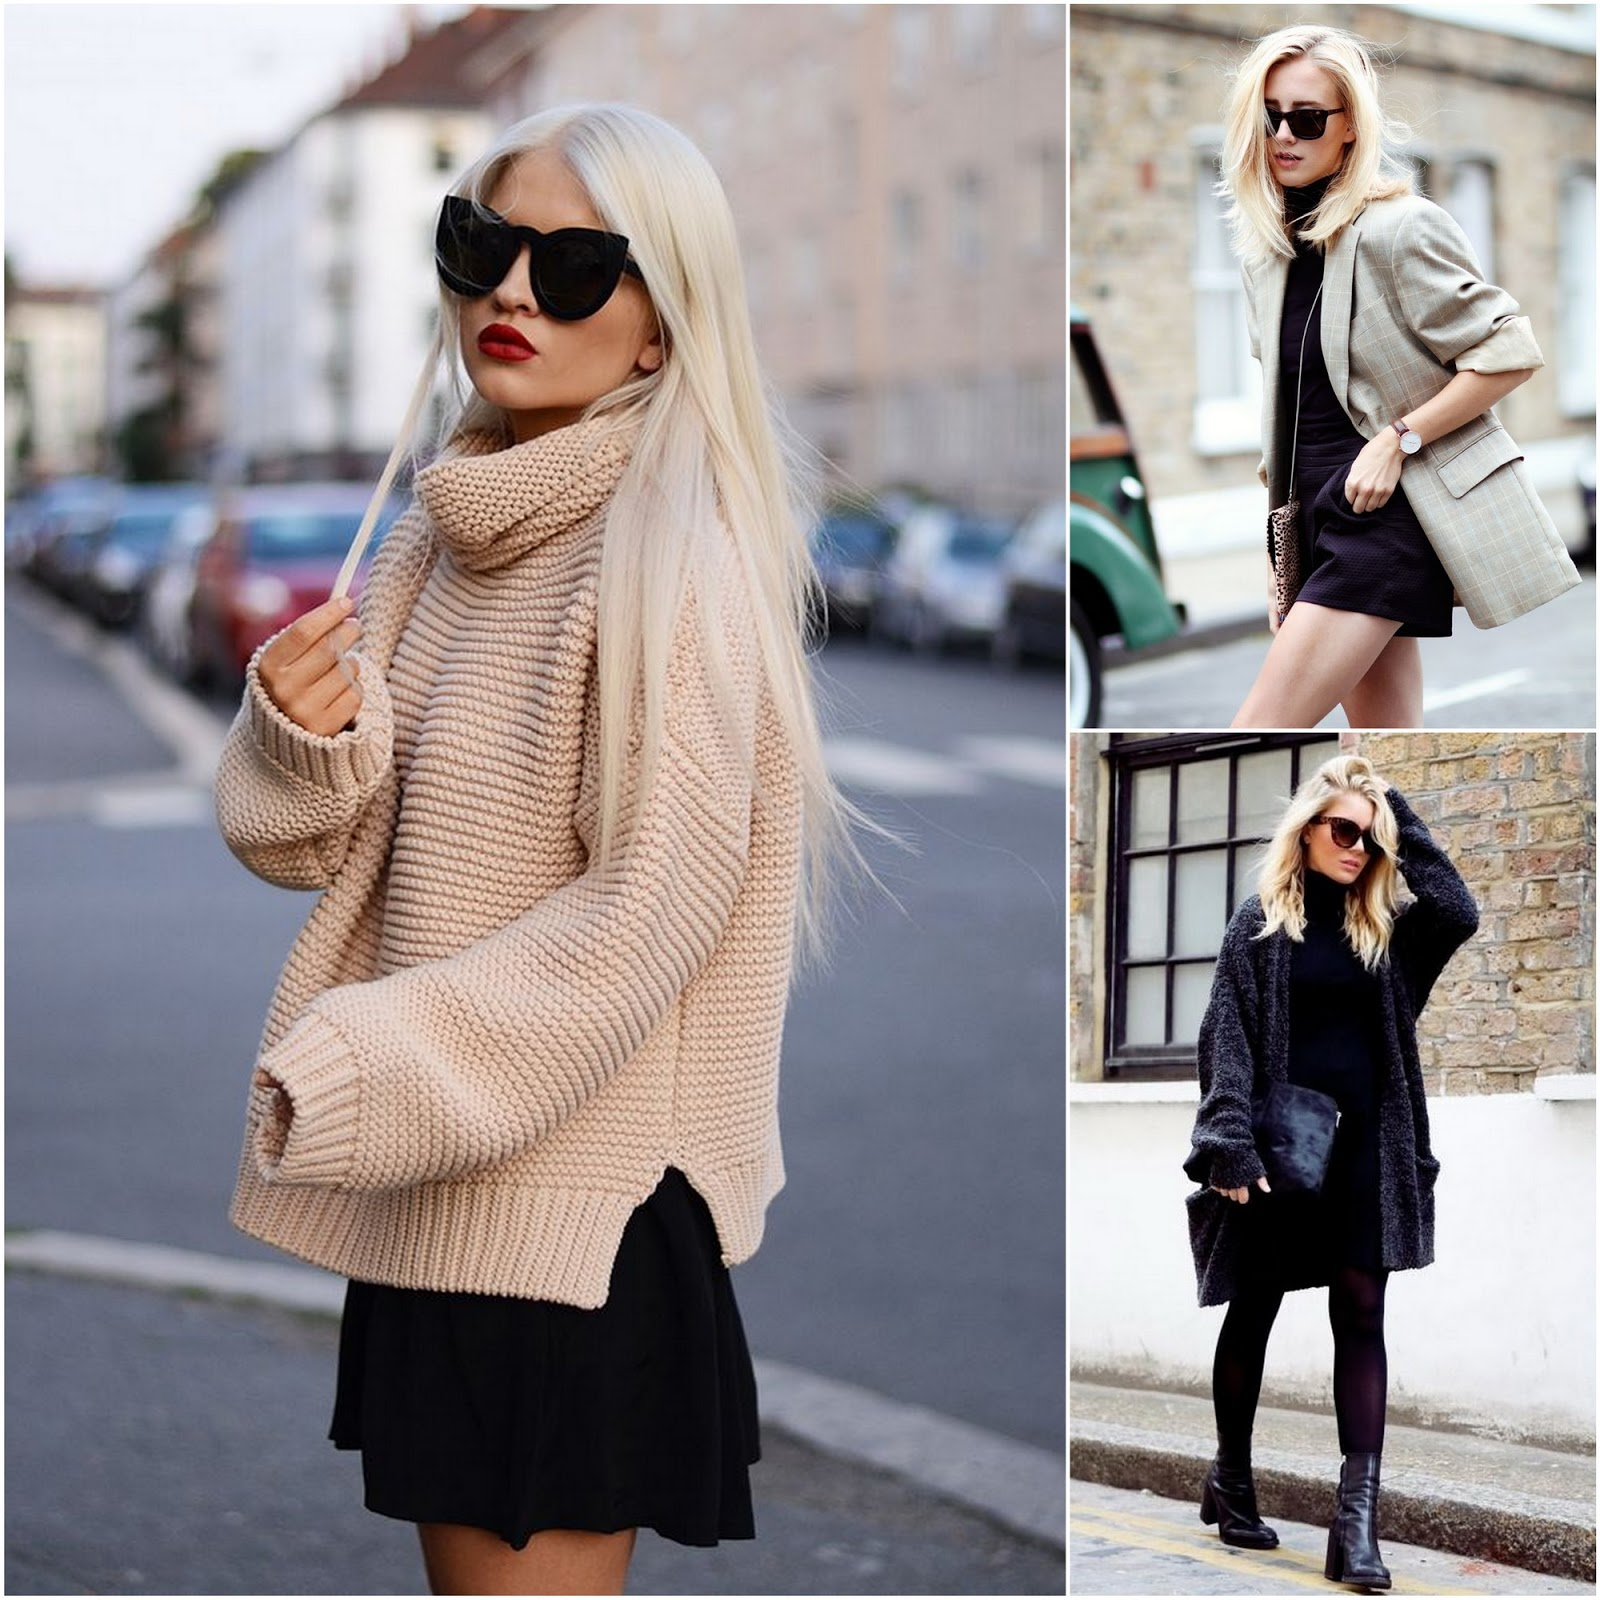 Пиджак или джемпер оверсайз в качестве верхней одежды